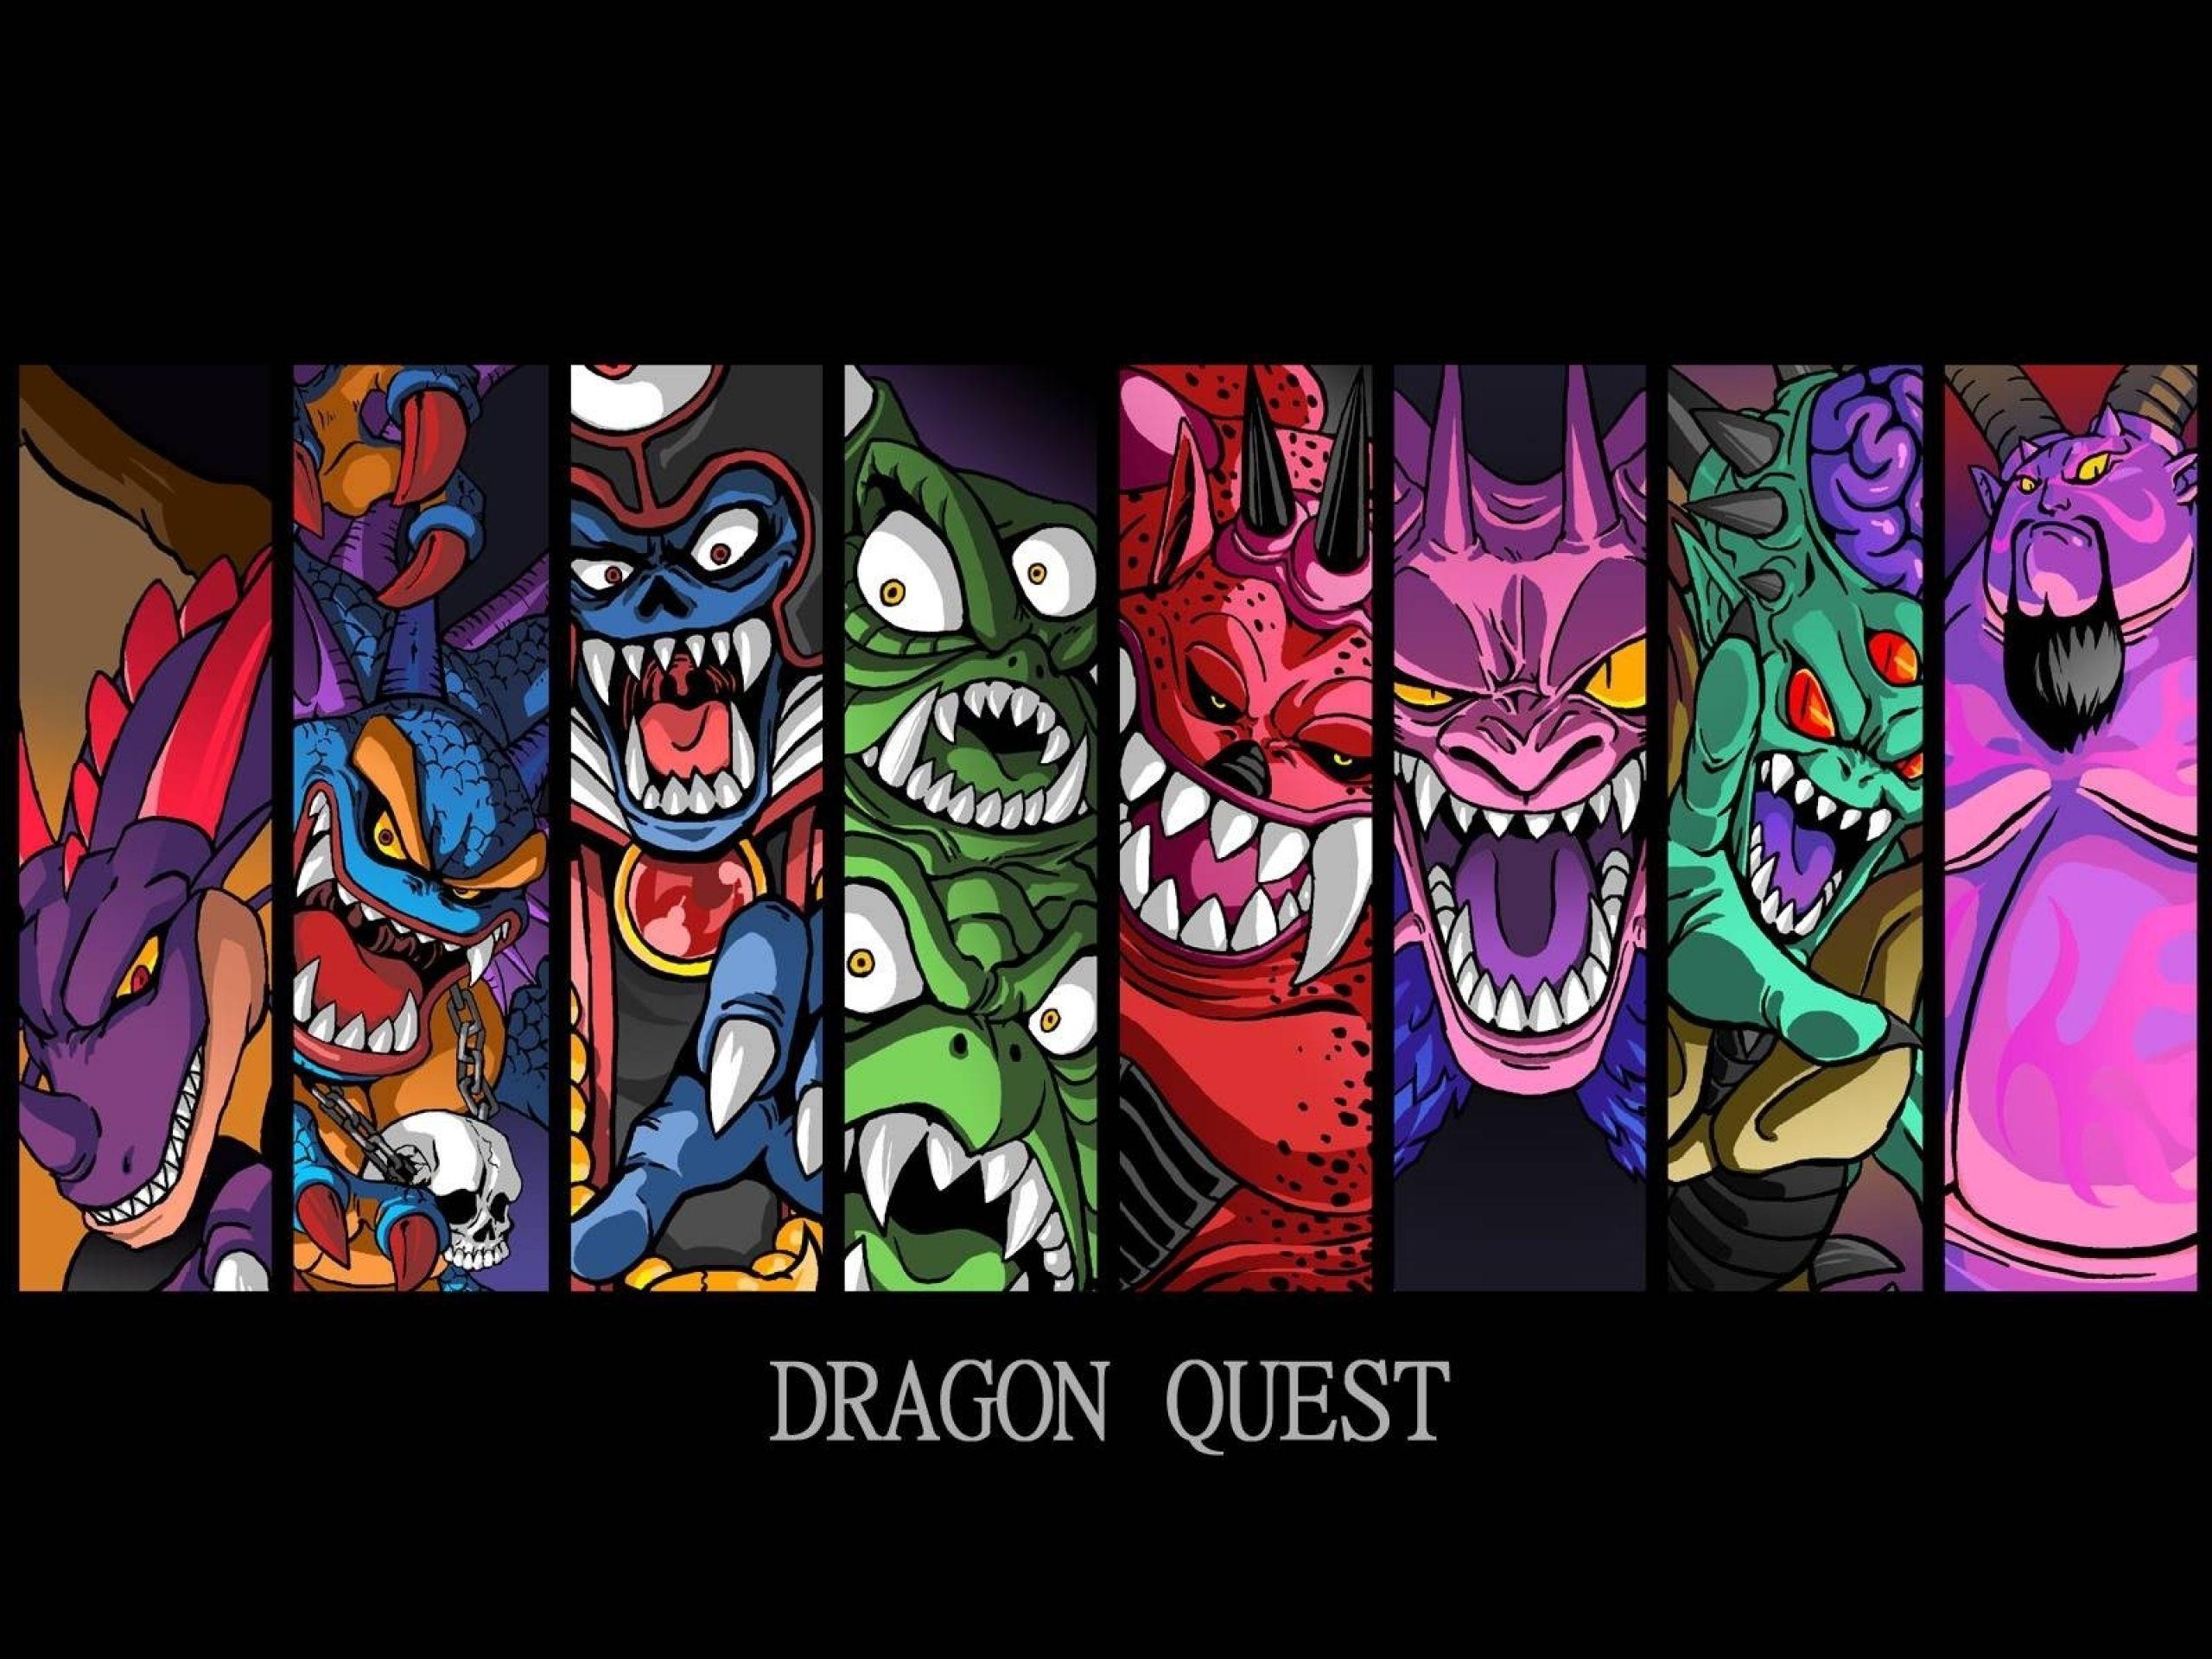 Dragon Quest Wallpapers - Wallpaper Cave